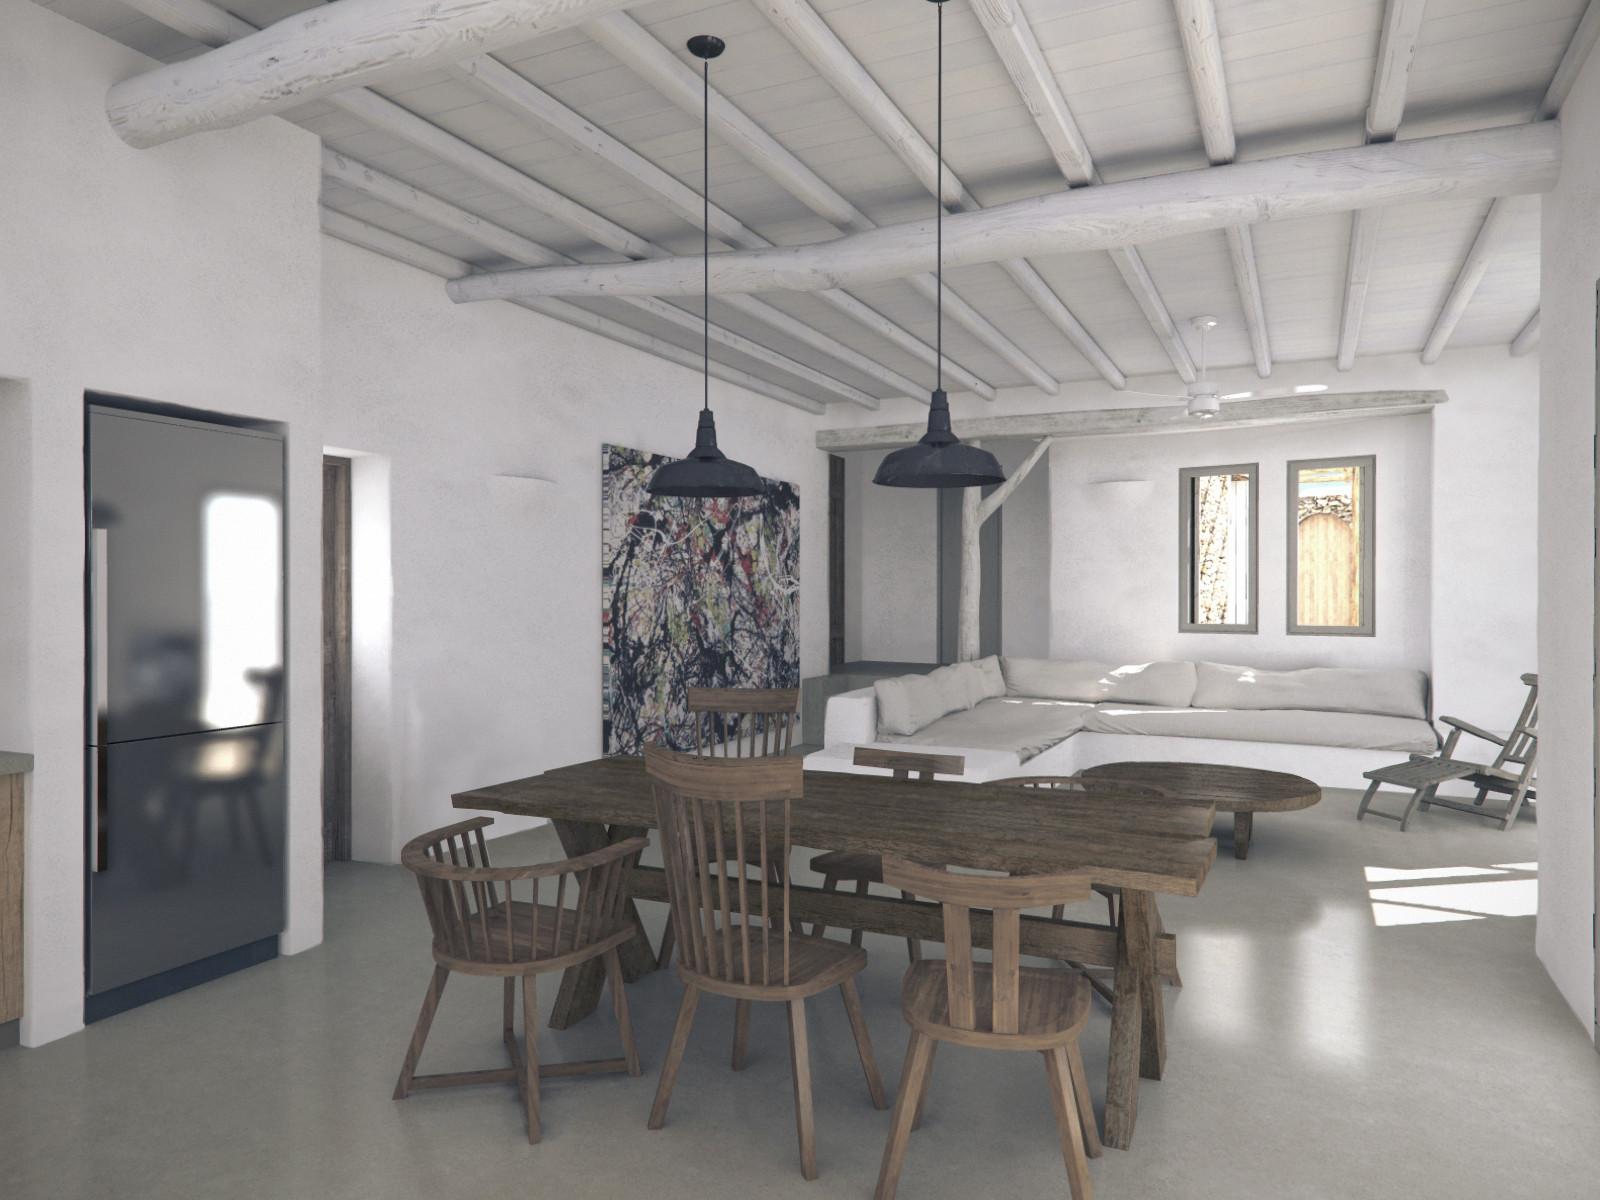 Rearrangement of house in Mykonos, 2017